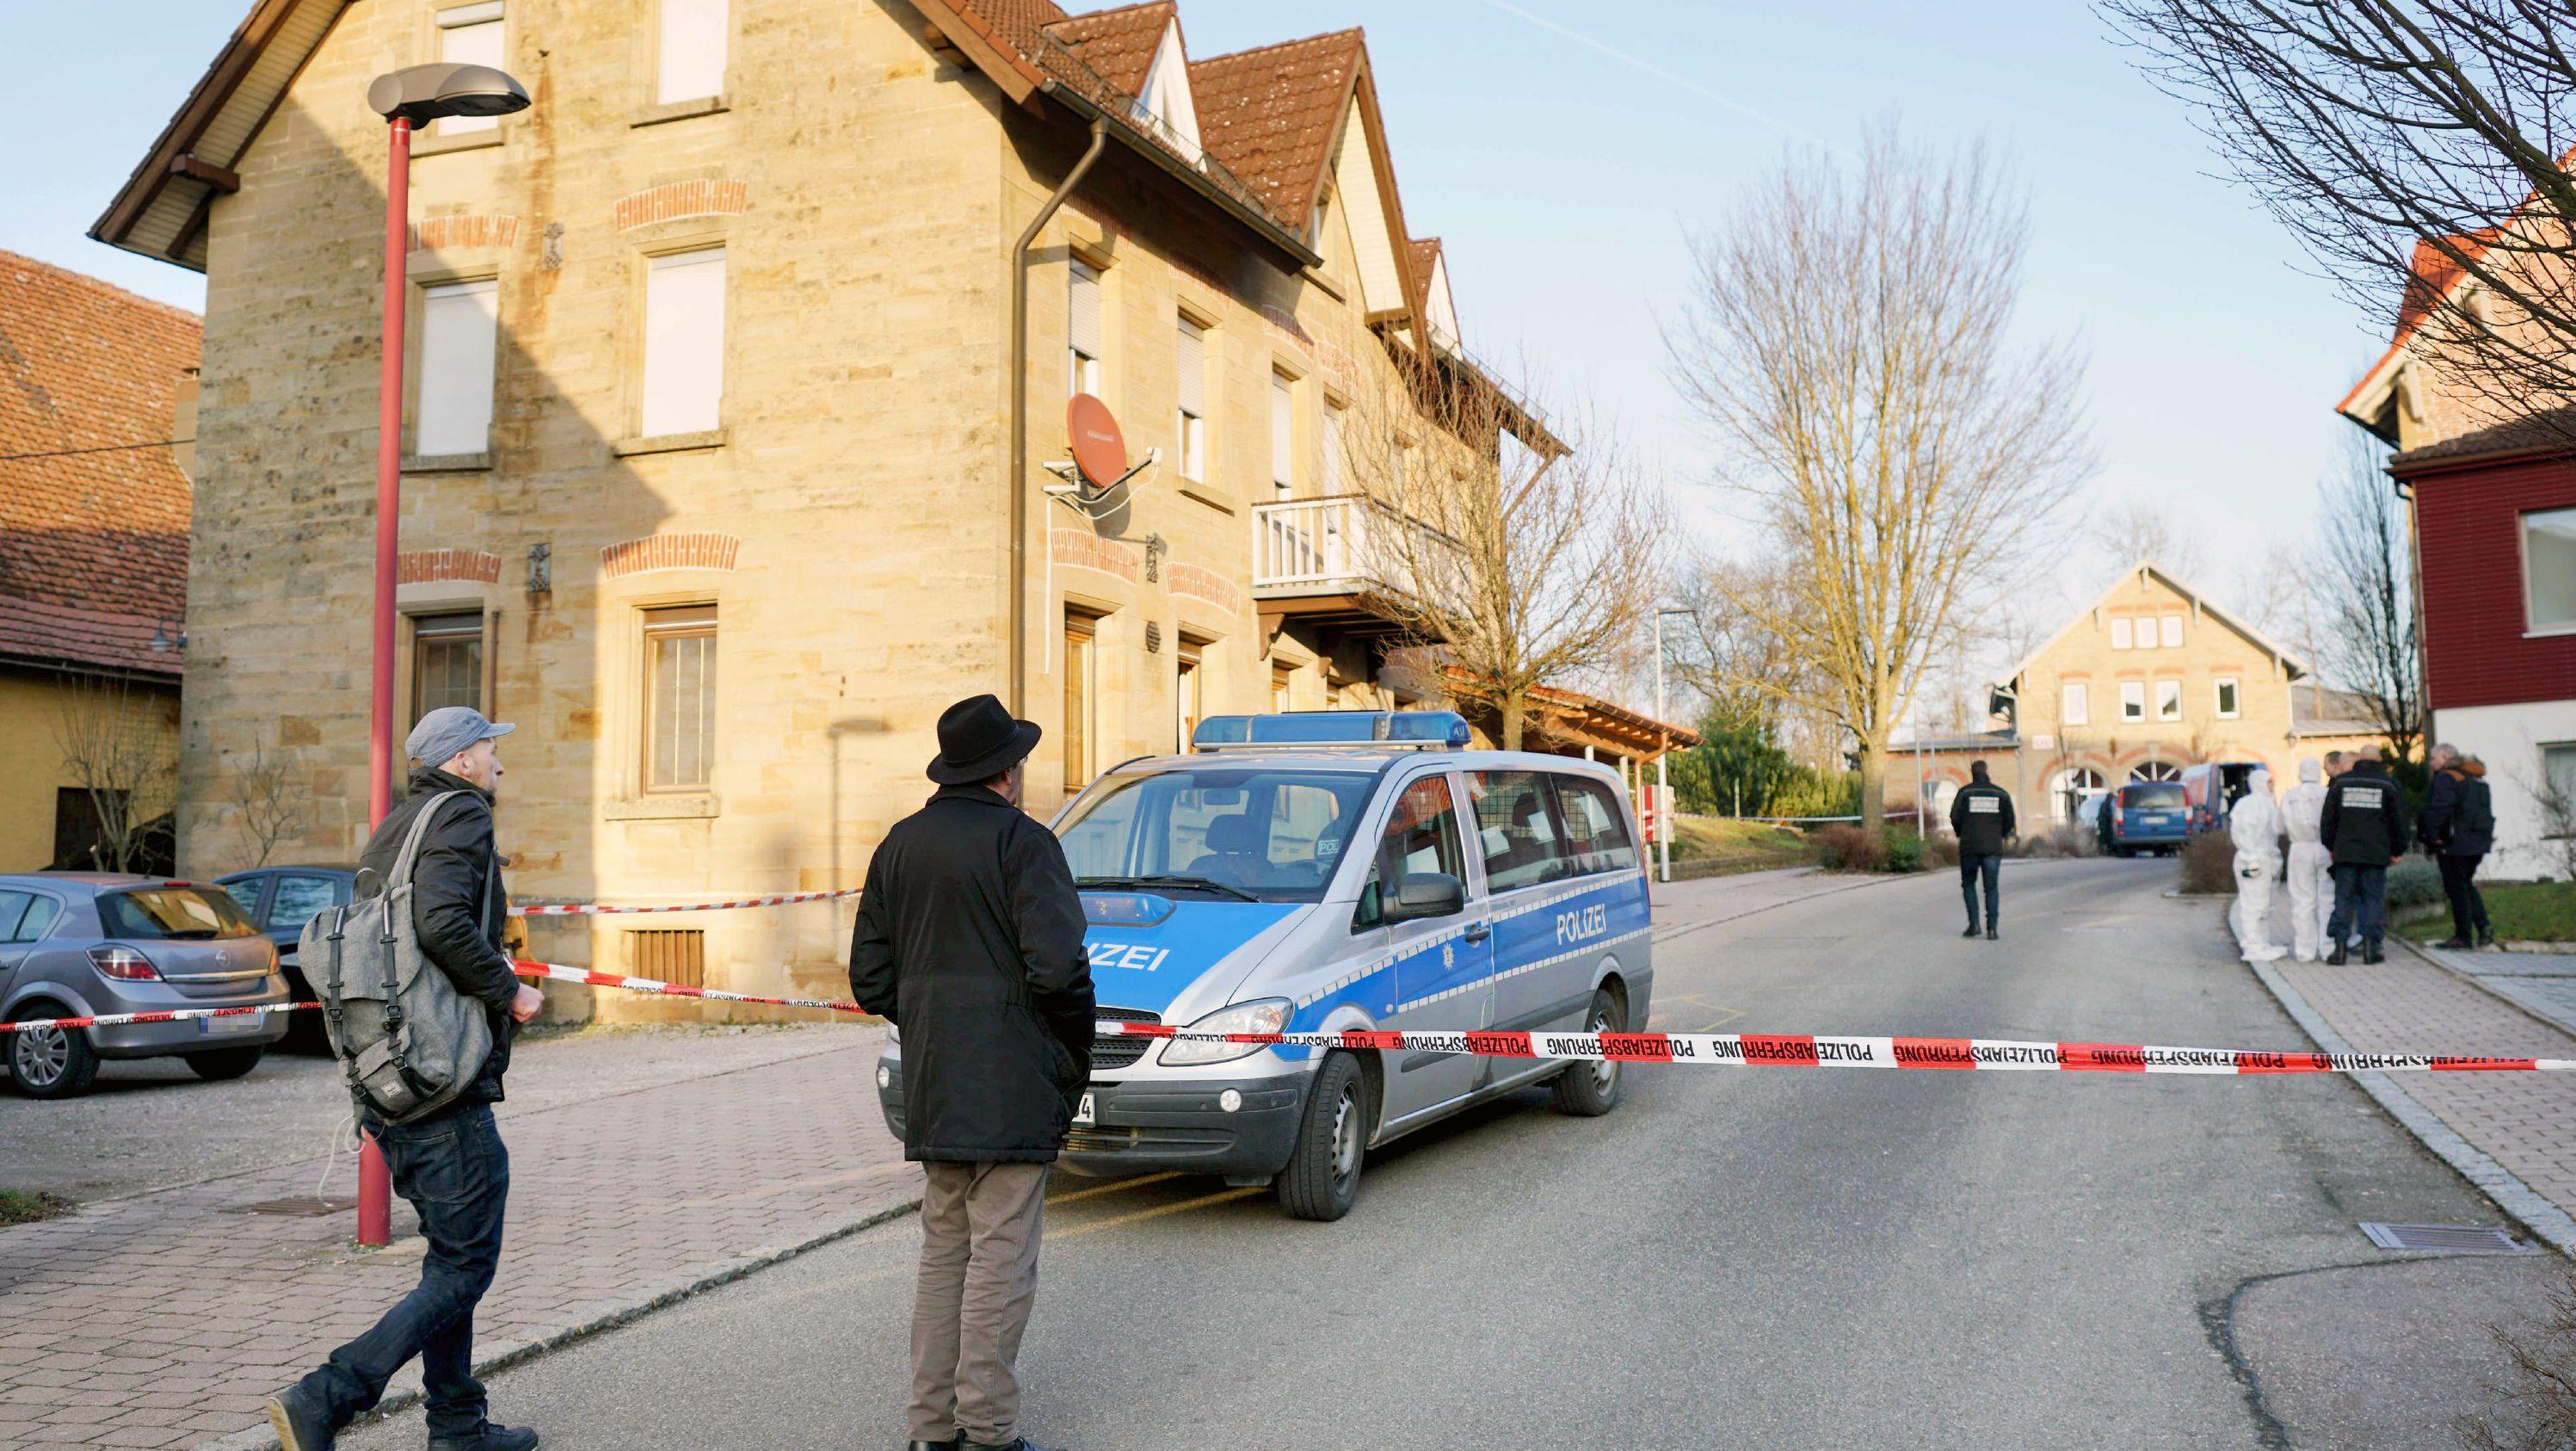 Nach Schüssen in Rot am See im Nordosten Baden-Württembergs stehen zwei Männer vor einer Polizeiabsperrung vor einem Haus. Hier sollen mehrere Menschen getötet worden sein.